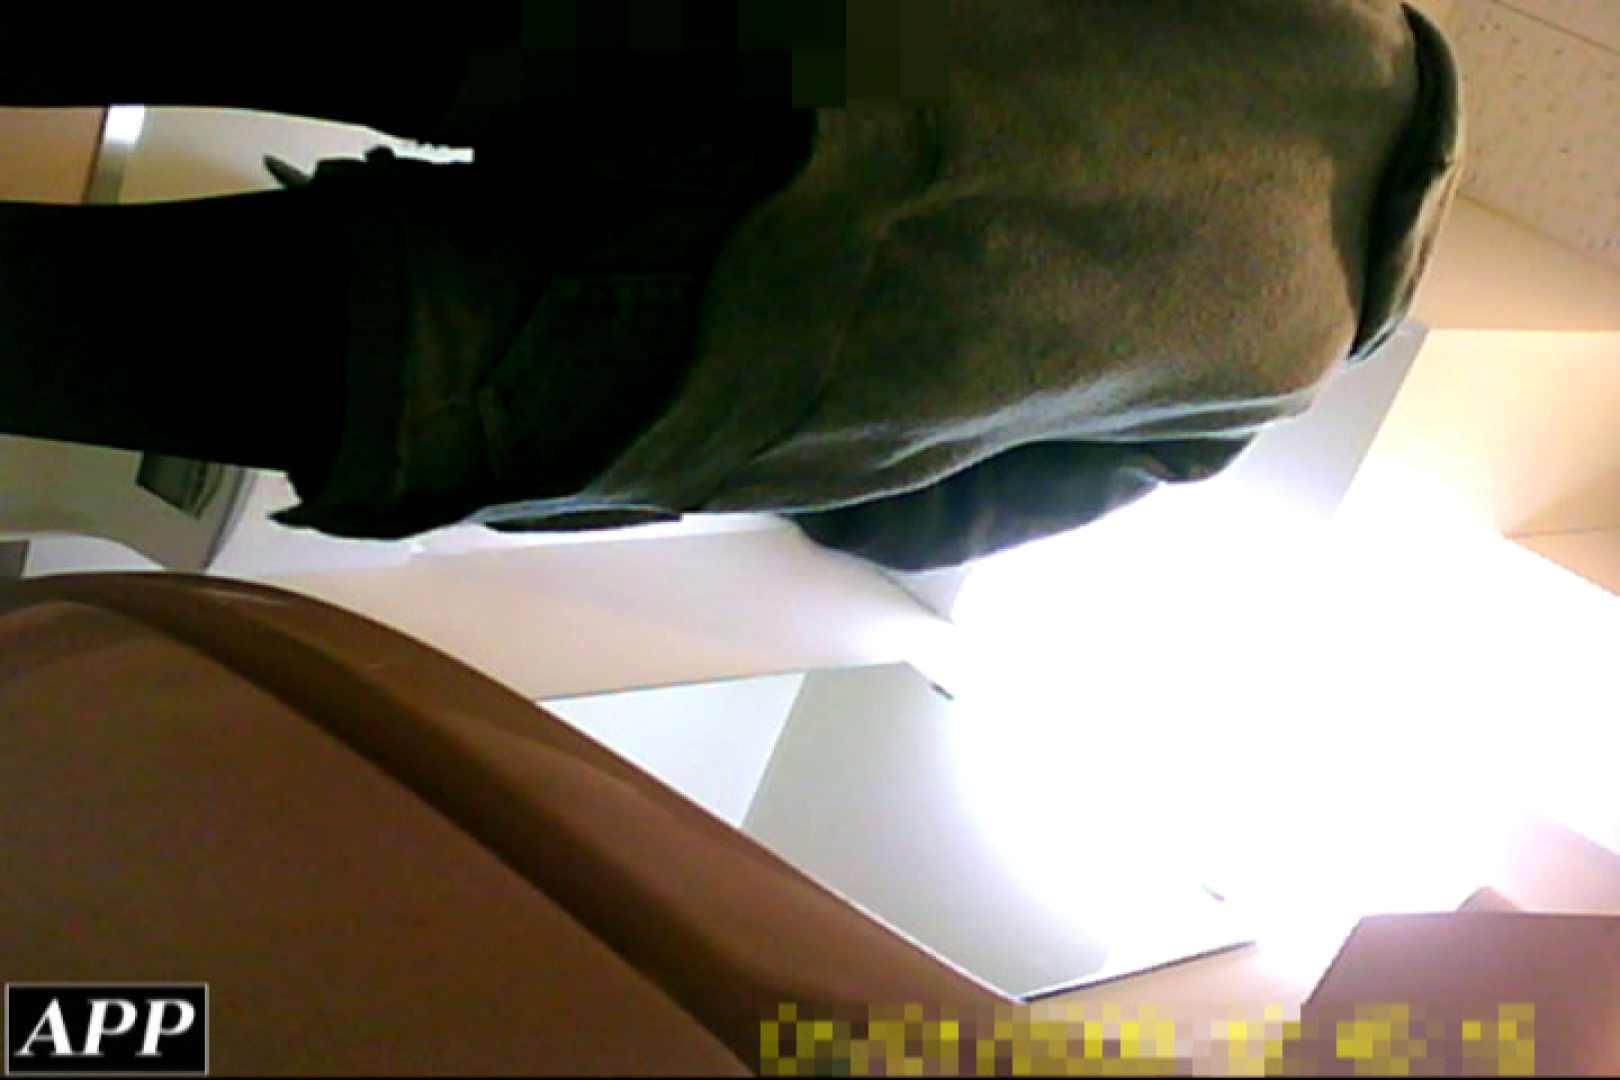 3視点洗面所 vol.16 丸見え おまんこ無修正動画無料 61画像 31